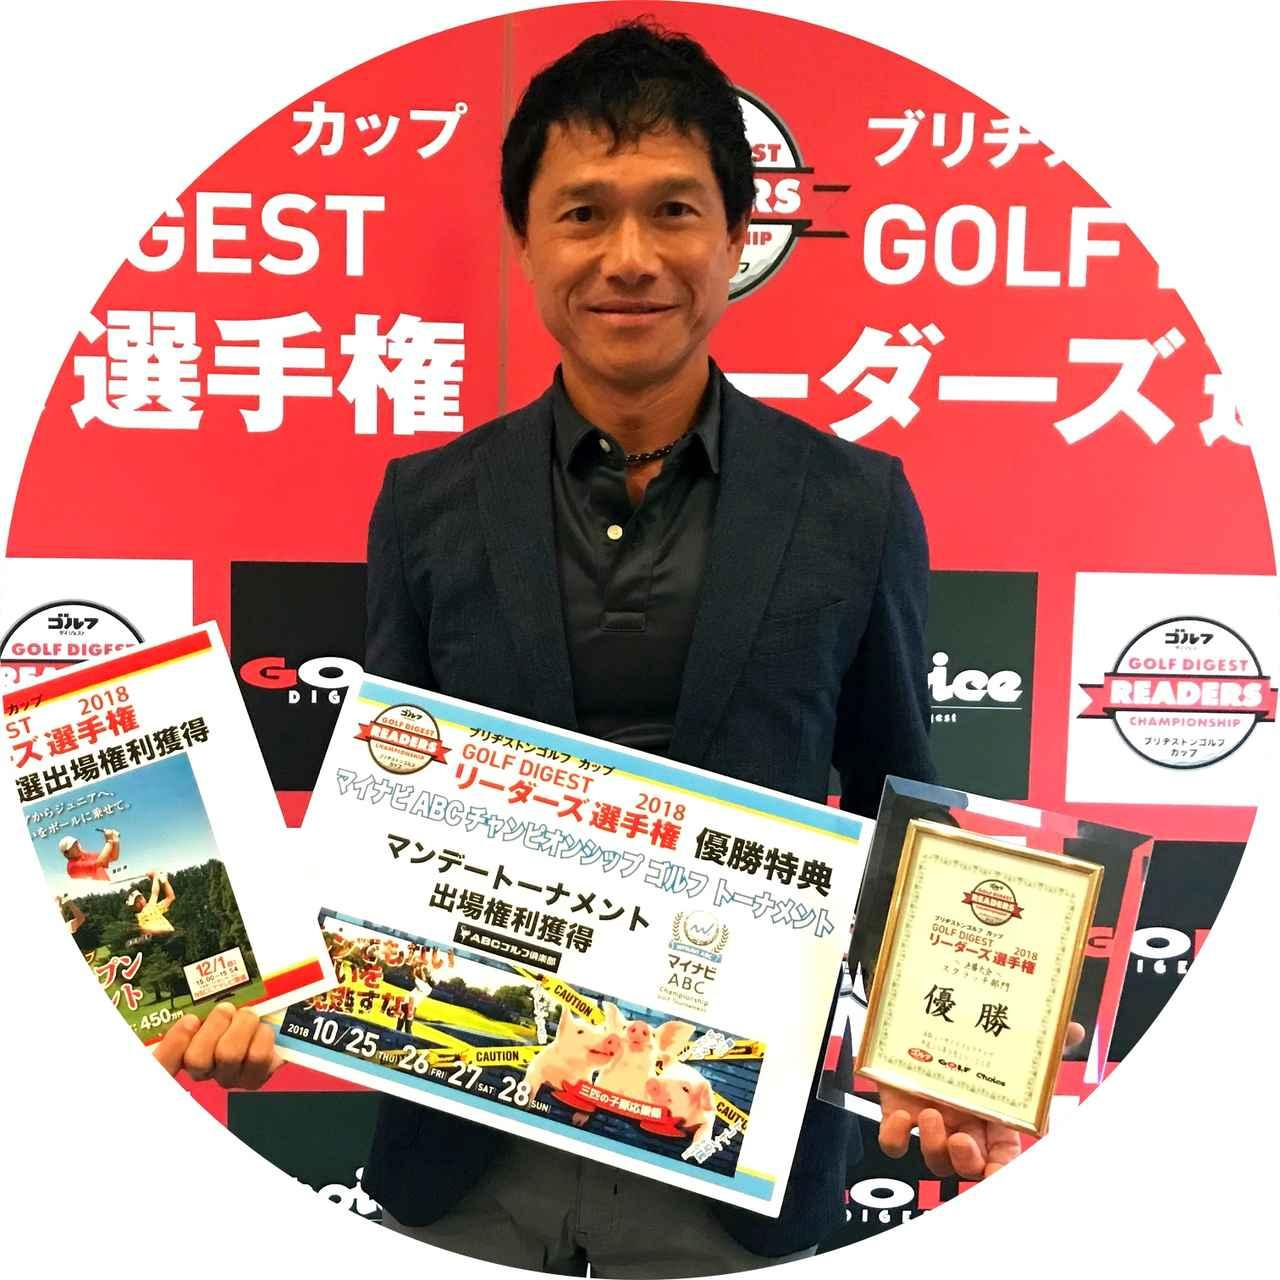 画像: 関東予選の上位ポイントランクにより、浜松シーサイドGCでの決勝に出場した福井浩之さん。2日間156ストロークでの優勝でした